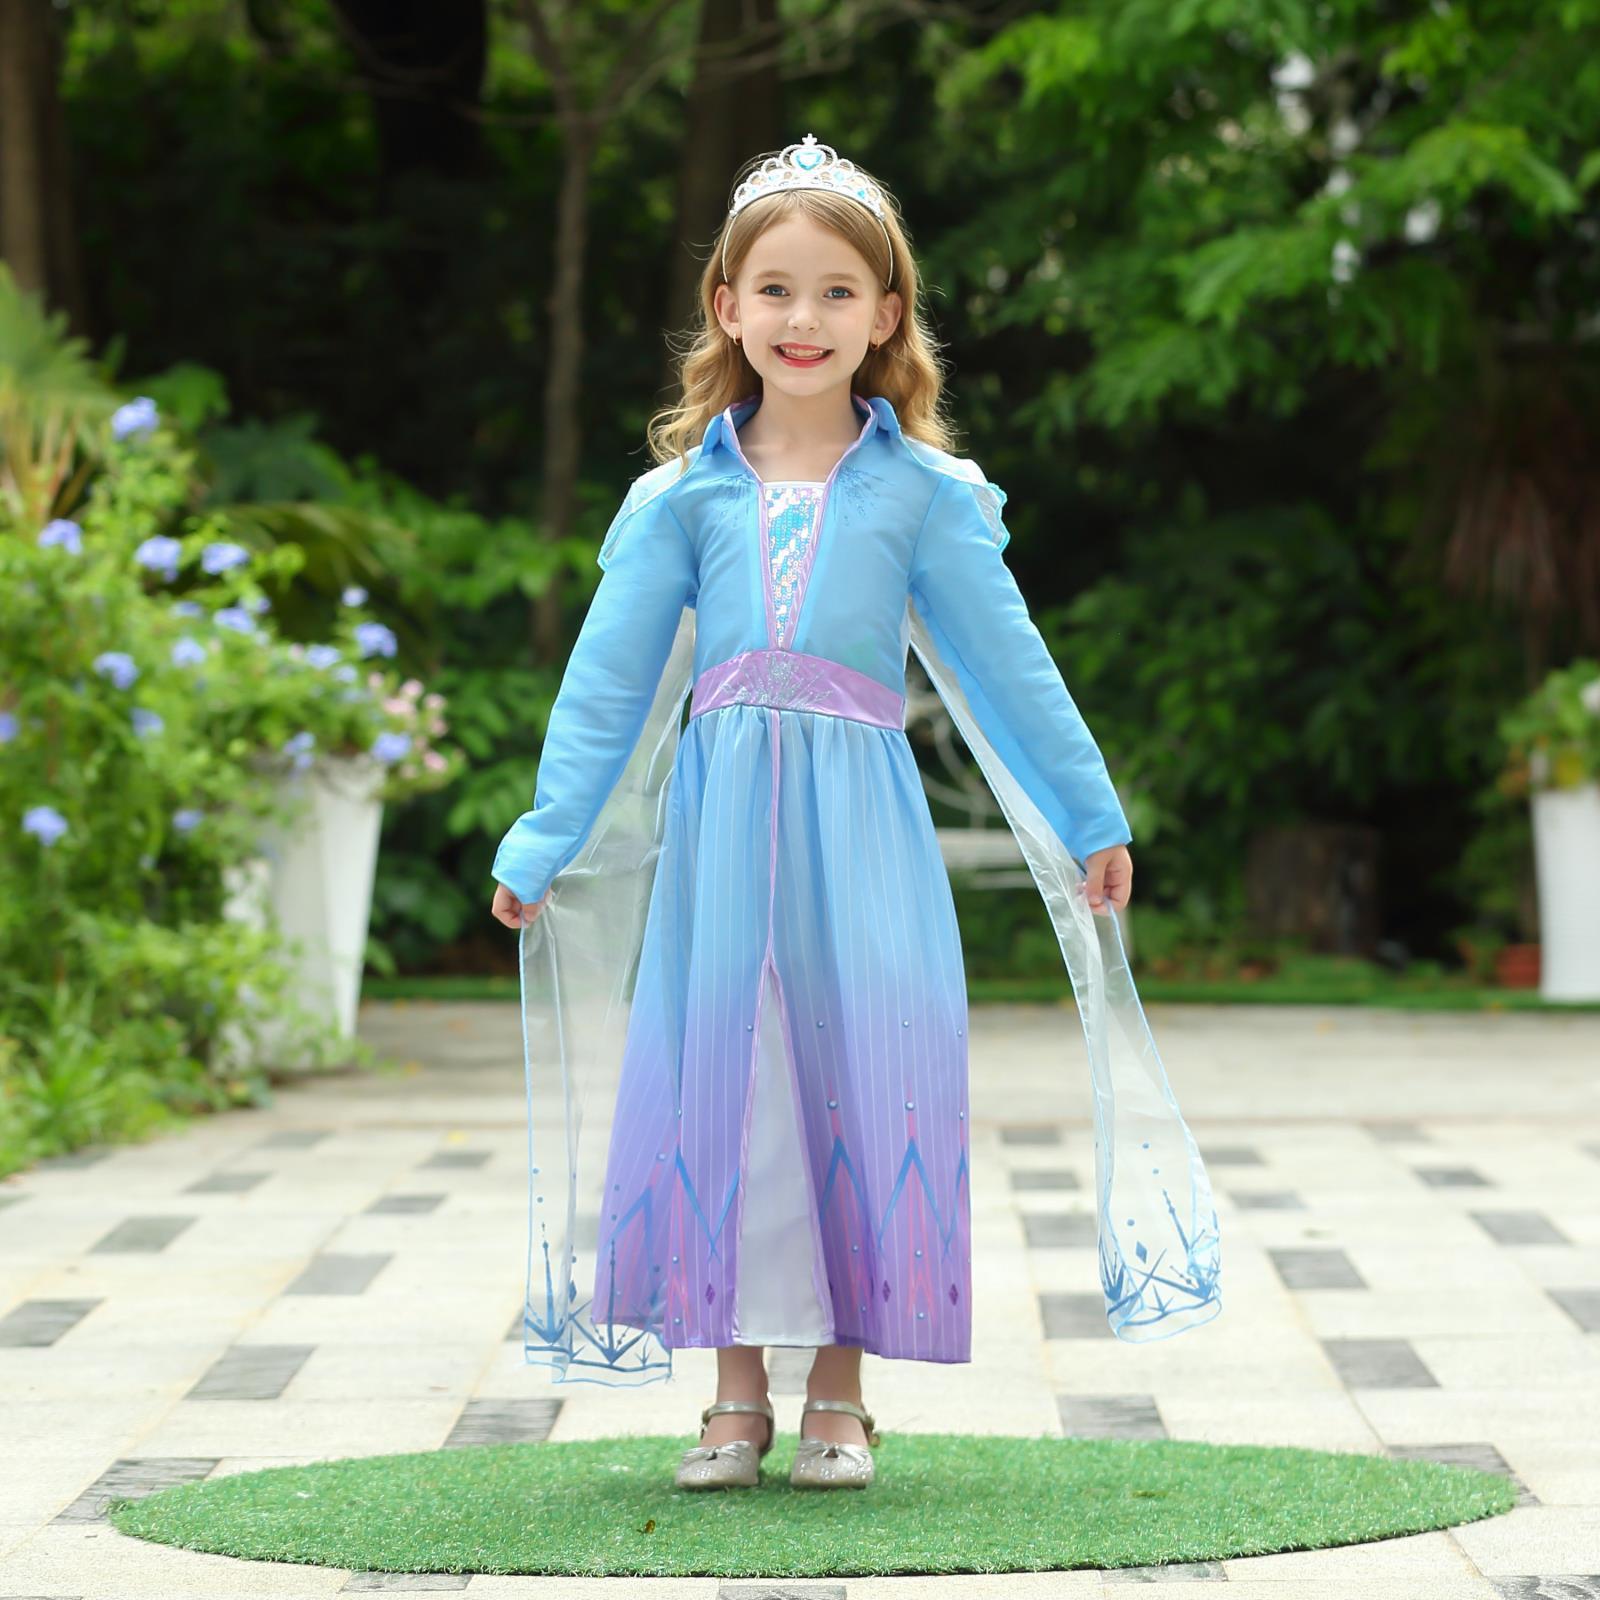 2020冰雪奇缘2外贸连衣裙生日表演裙六一洋气小裙子女童连衣裙